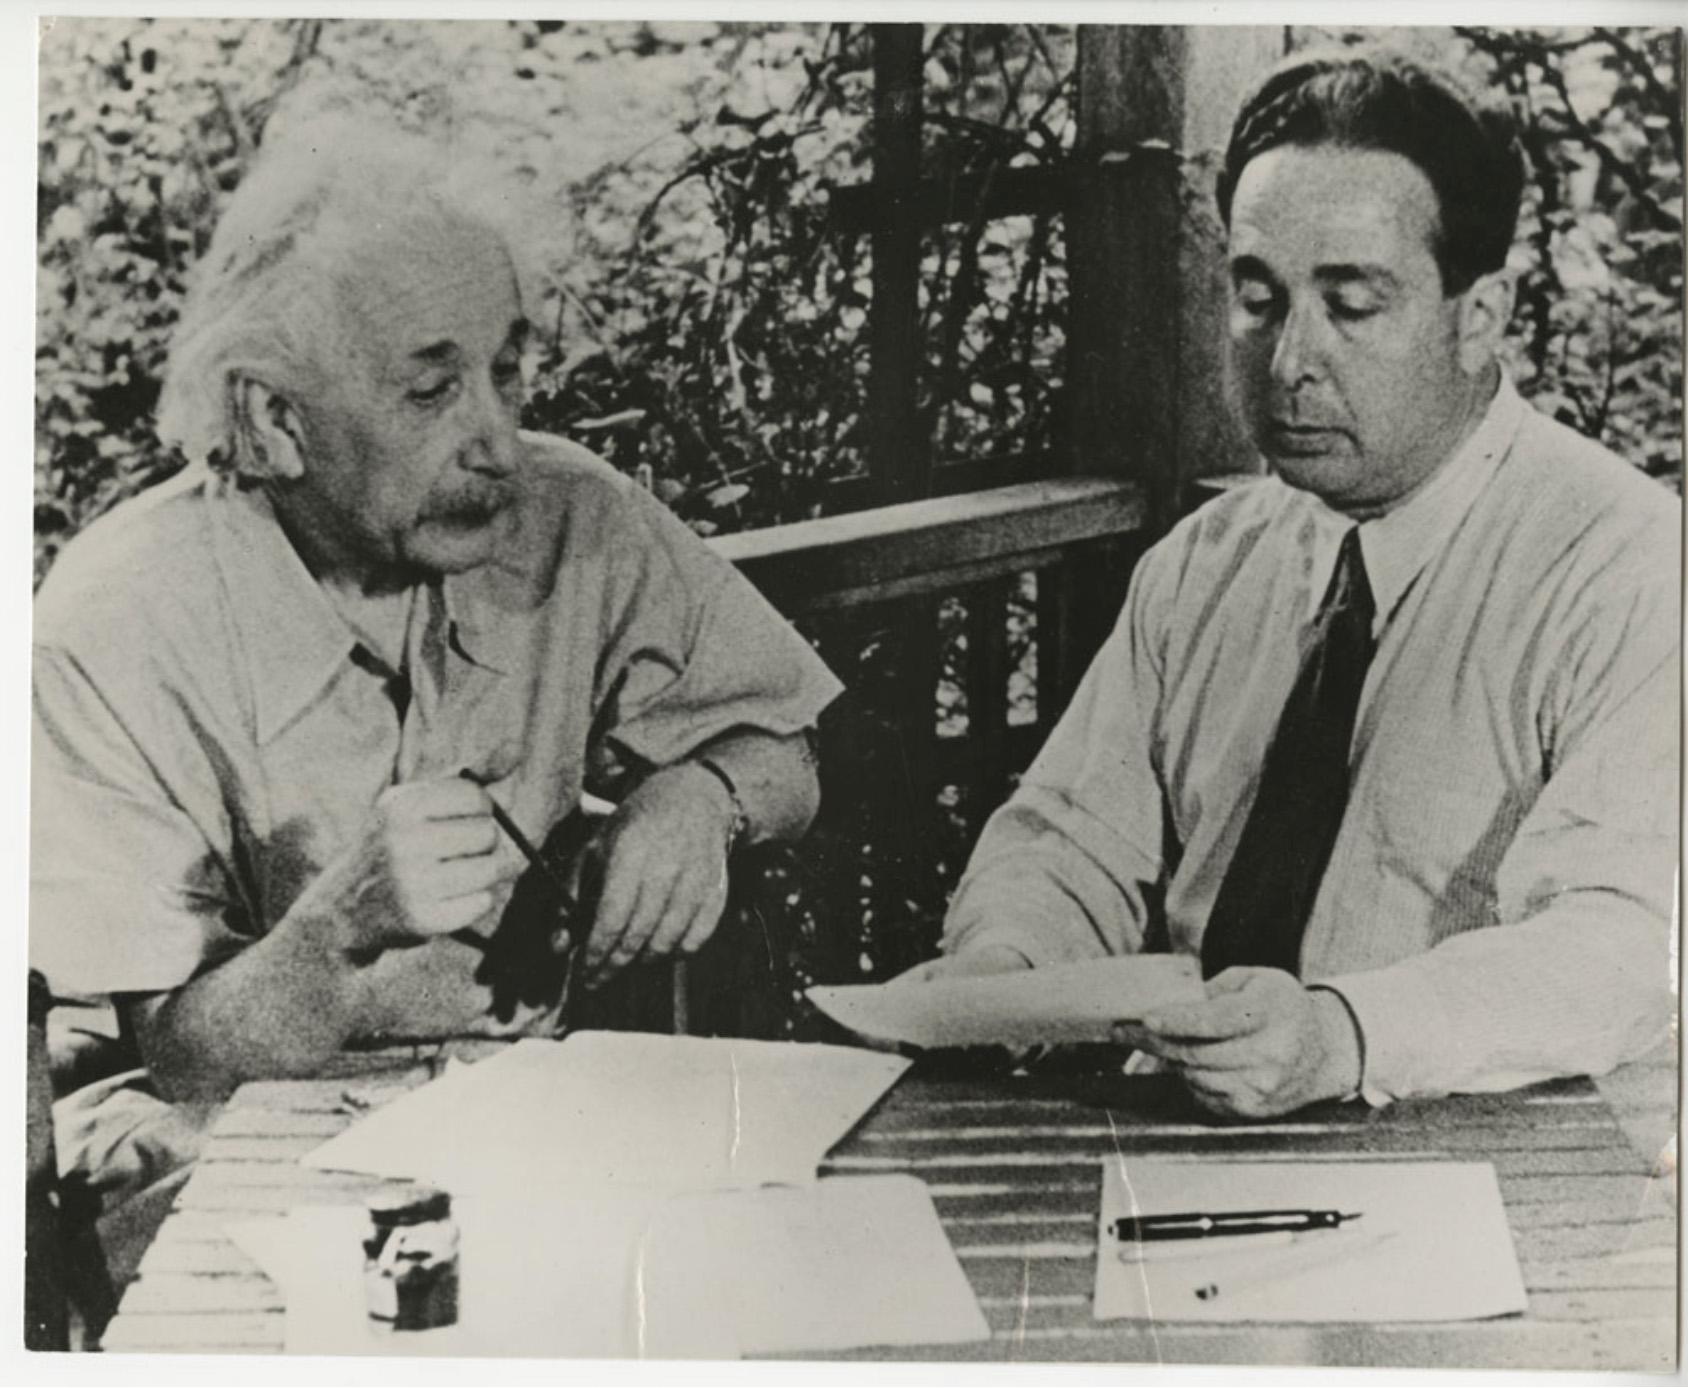 Albert Eistein és Szilárd Leó levelet ír az amerikai elnöknek. Két bevándorló,  akiknek az Egyesült Államok sokat köszönhet